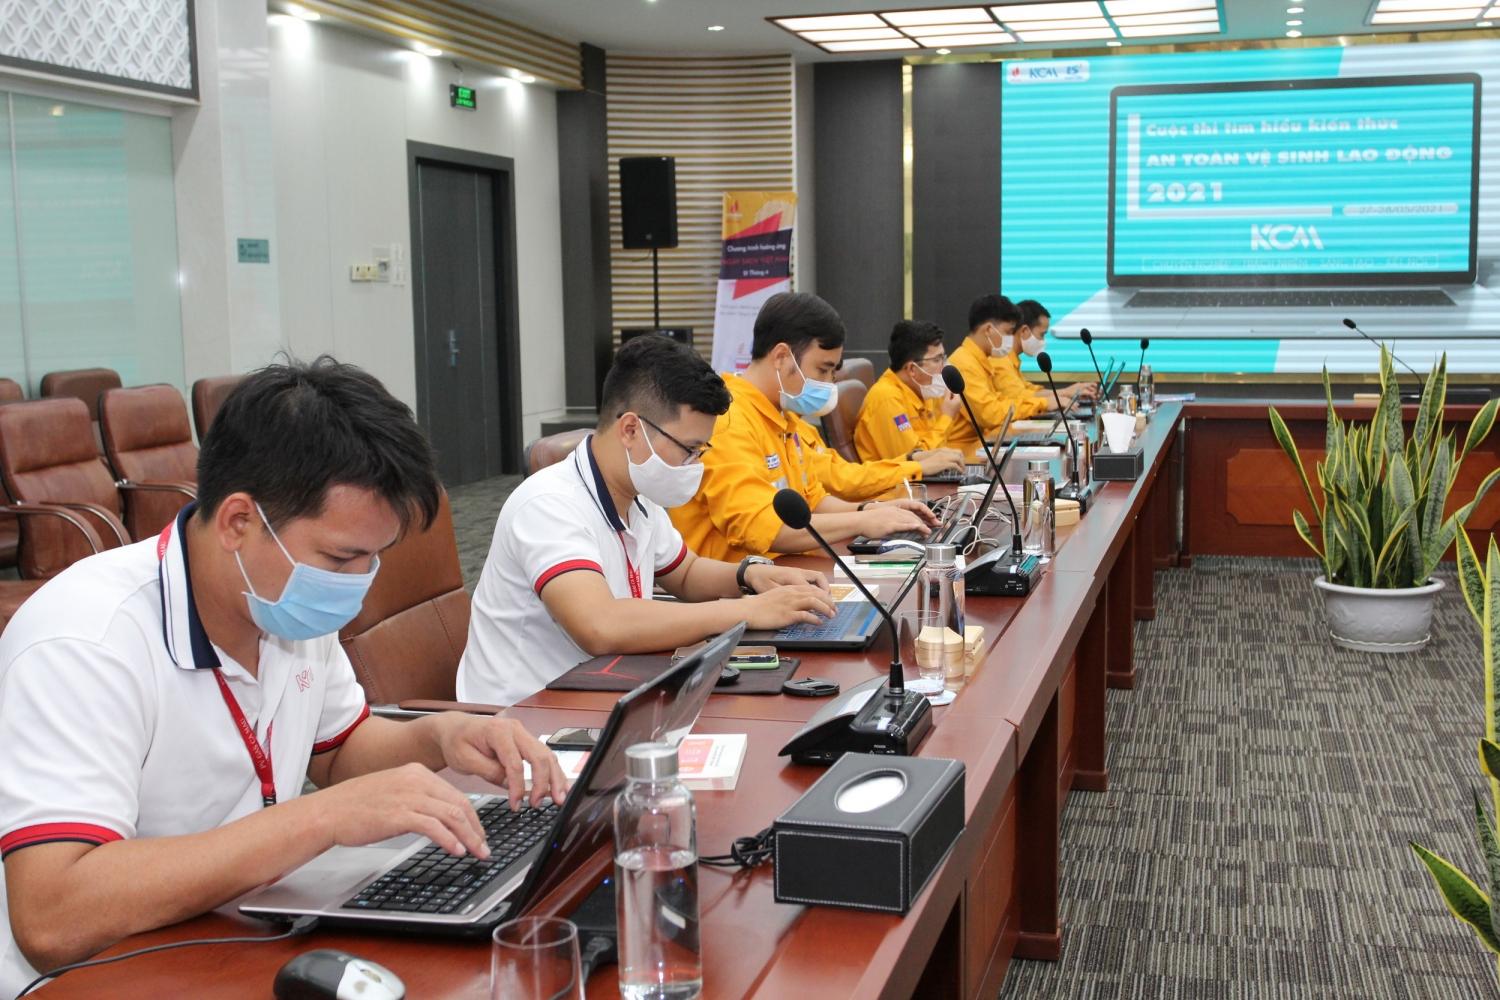 Cuộc thi kiến thức an toàn vệ sinh viên do Công đoàn PV GAS tổ chức